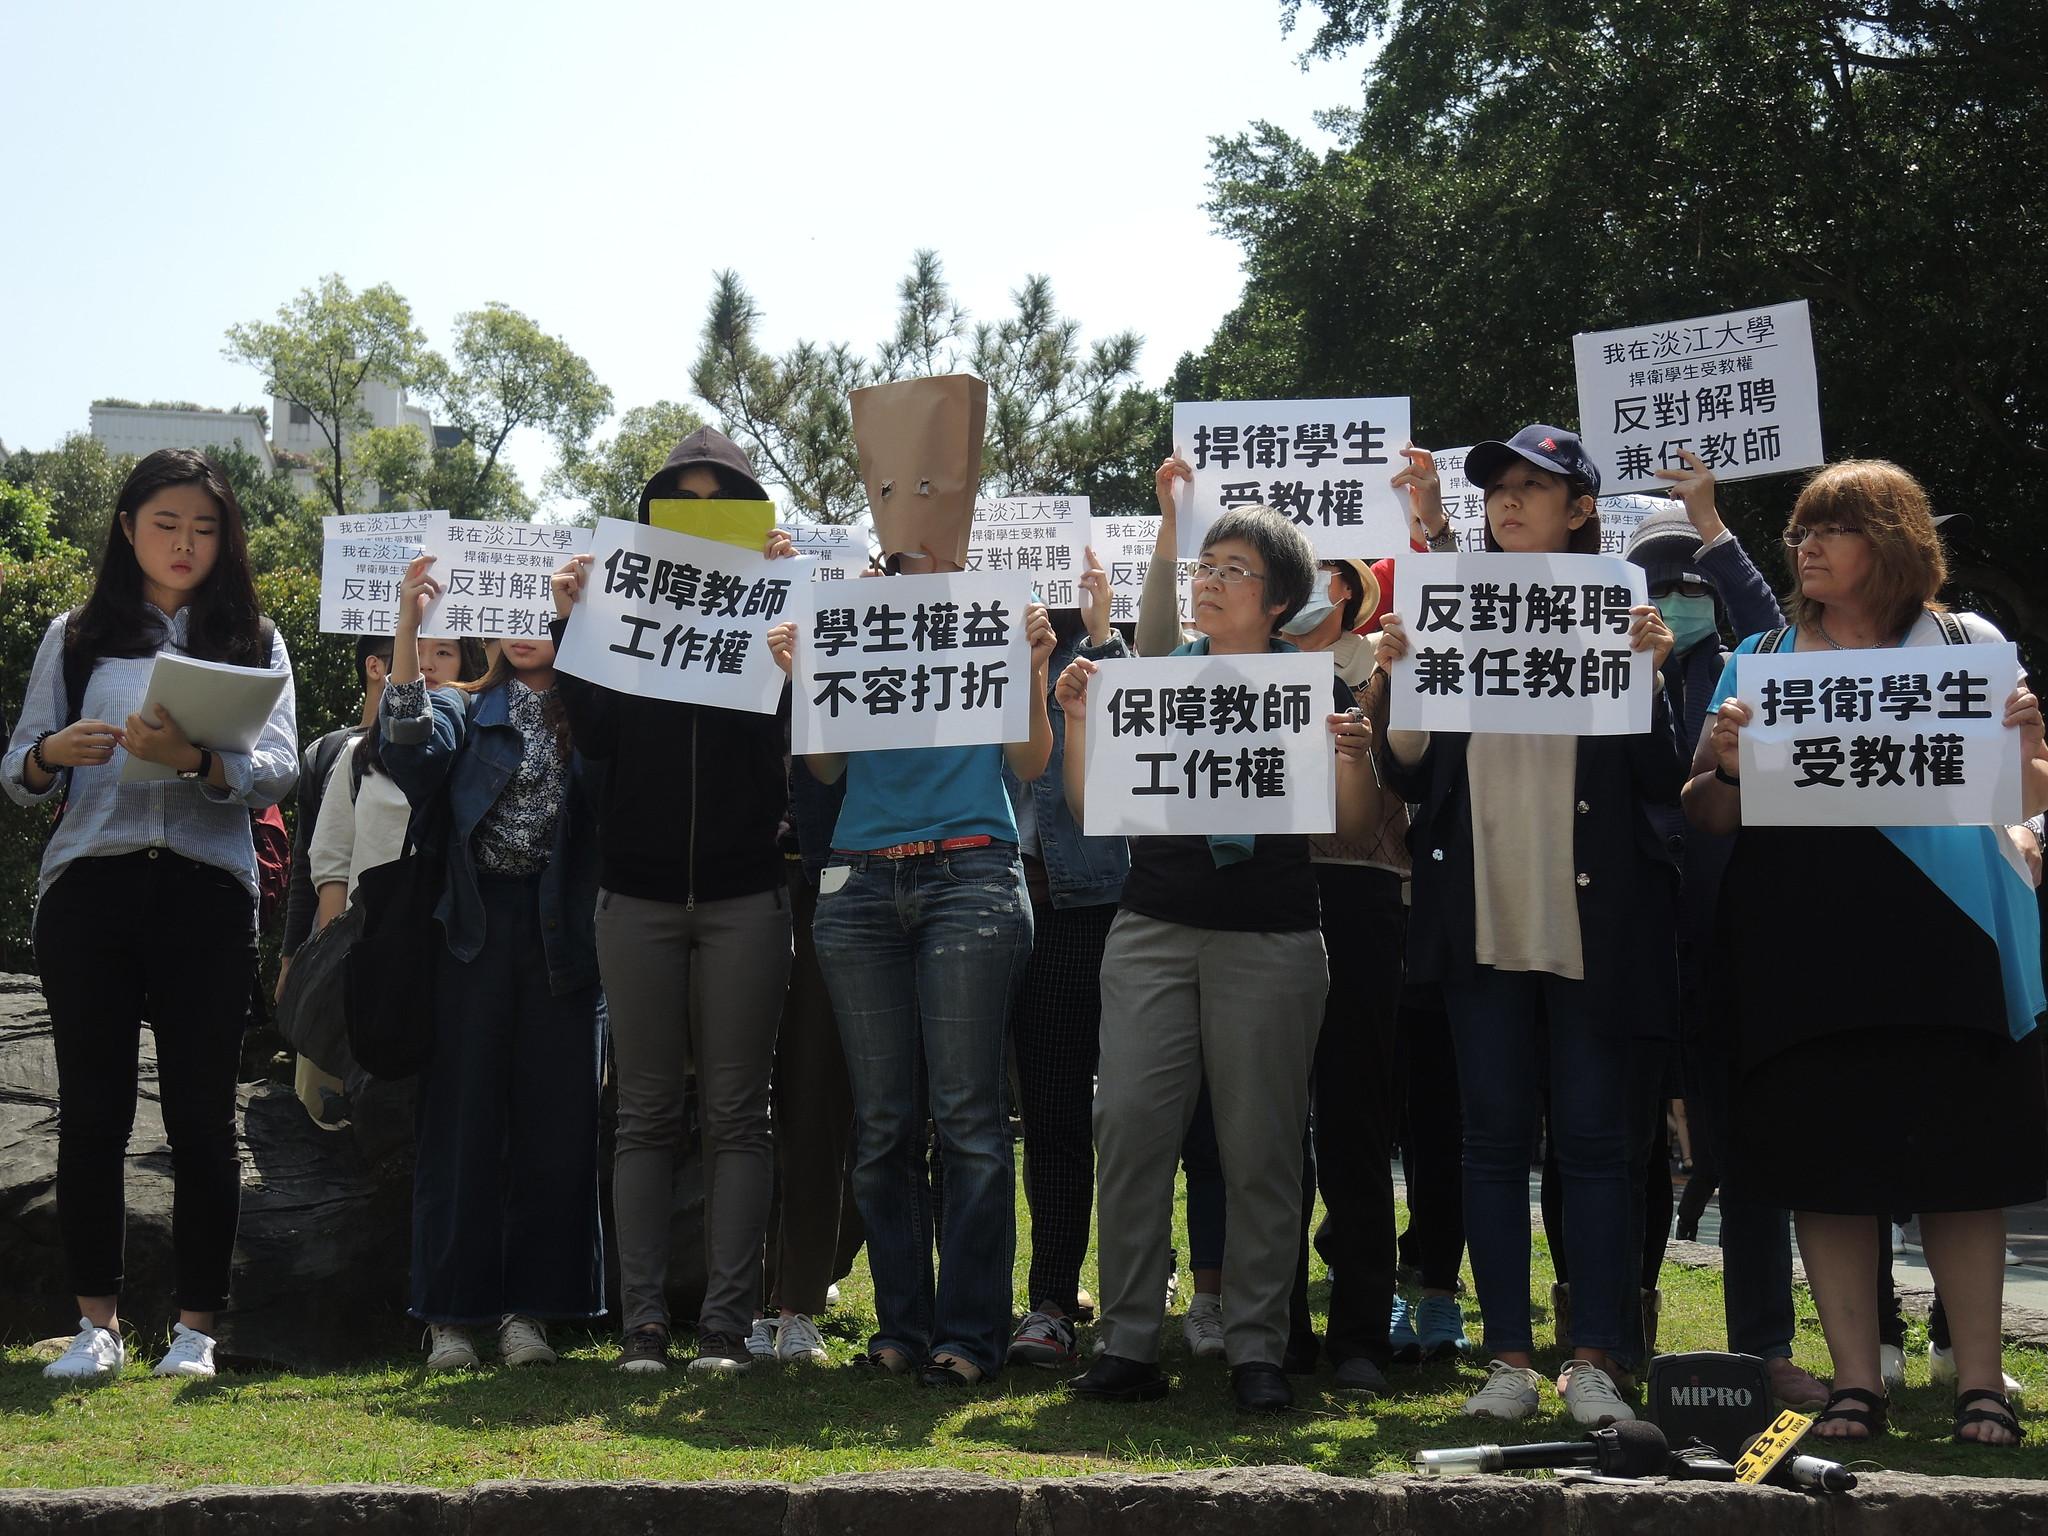 老牌私校淡江大學傳大量解聘兼任教師,淡江師生日前連署展開抗議。(資料照片/攝影:曾福全)